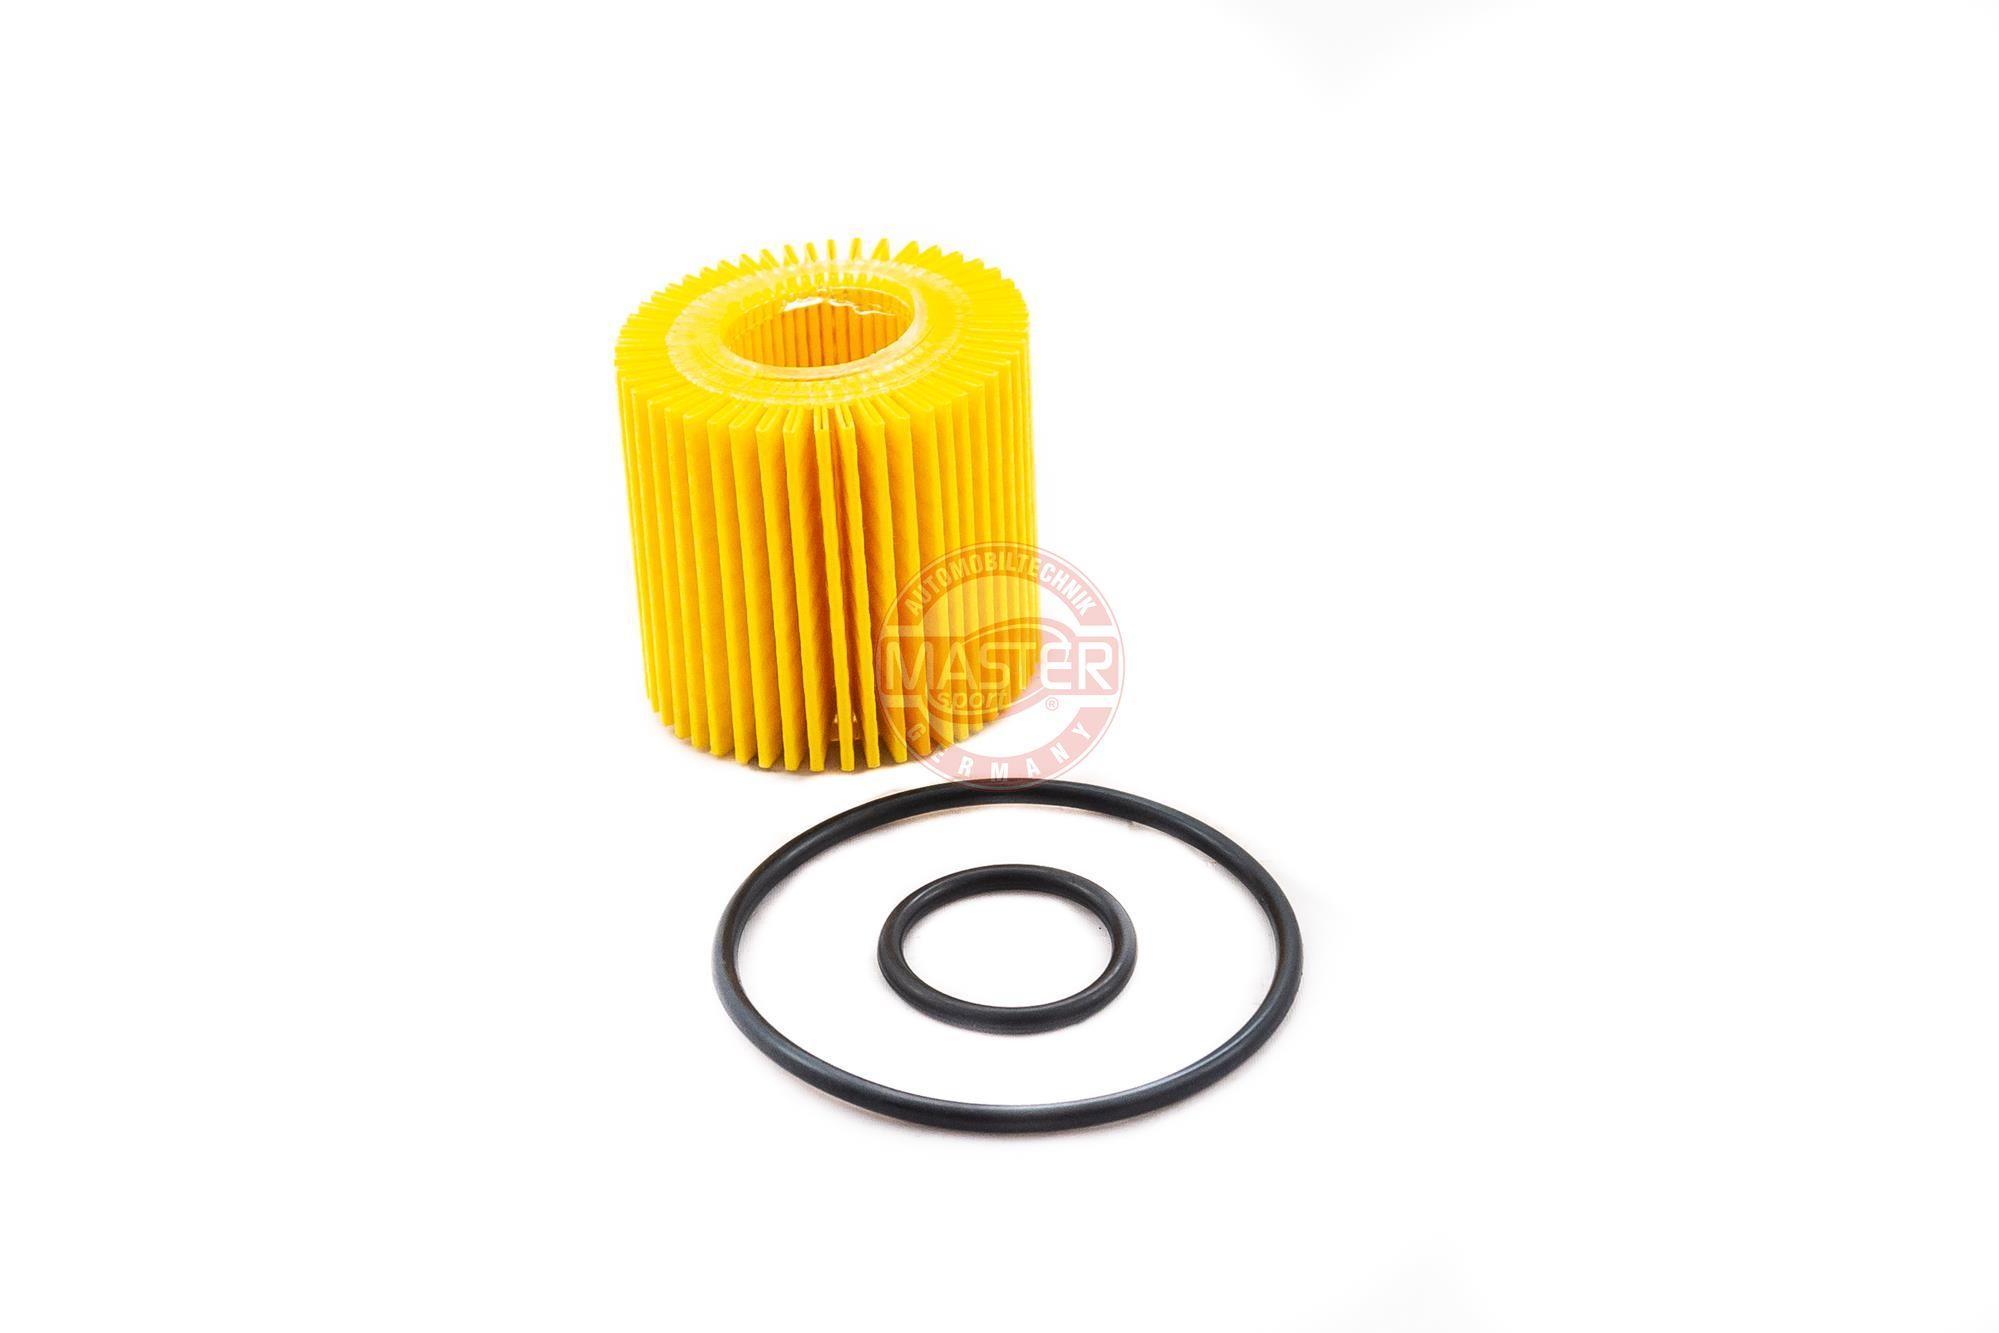 Ölfilter MASTER-SPORT 6006Z-OF-PCS-MS Bewertungen